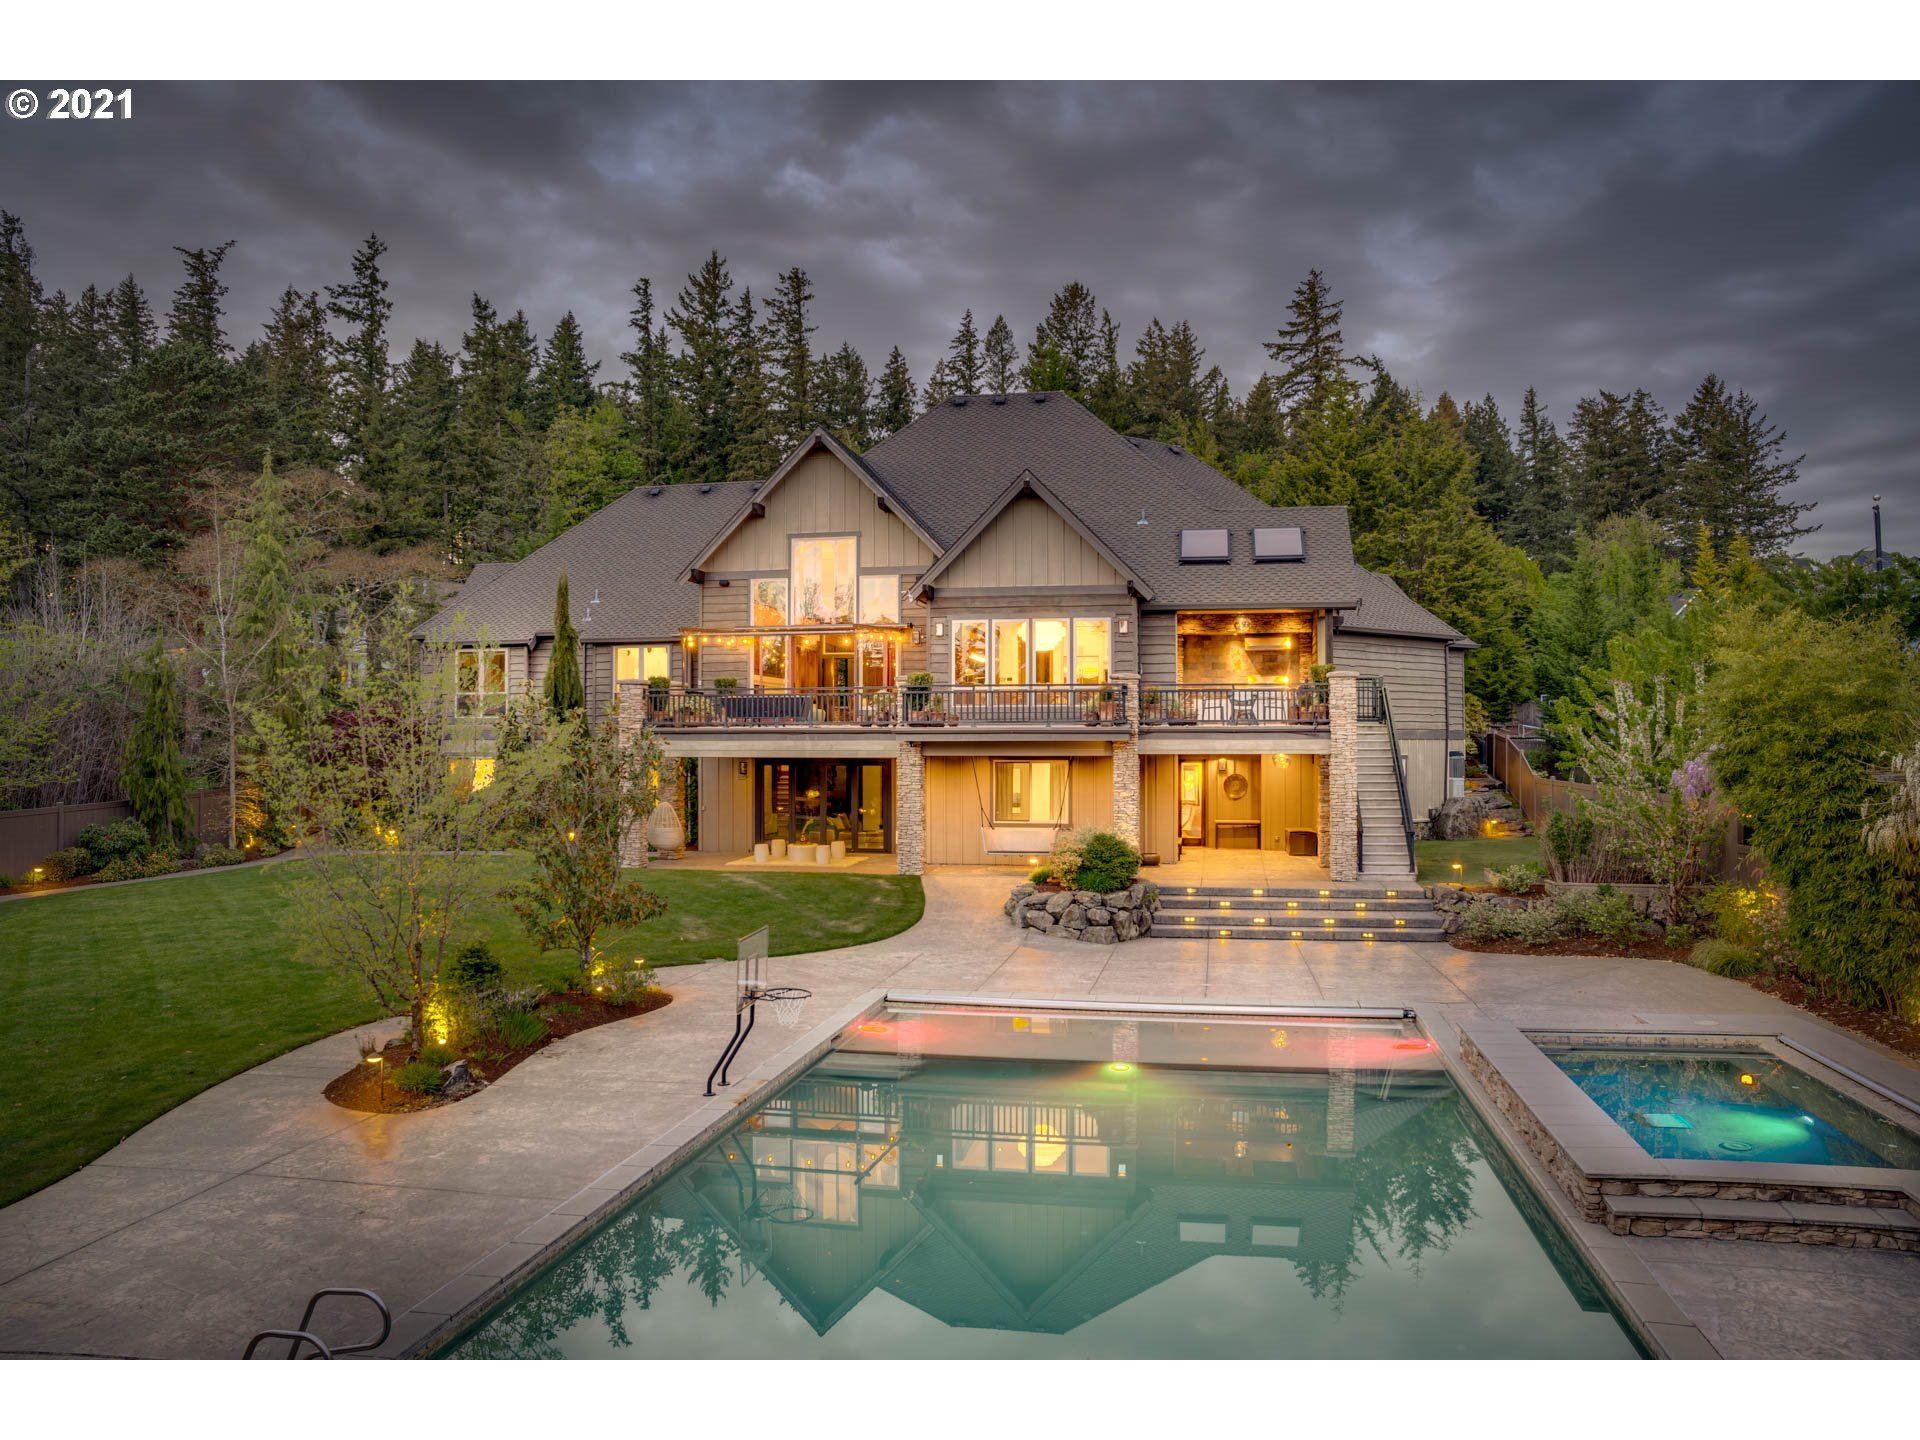 5390 NW ROANOKE LN, Portland, OR 97229 - MLS#: 21053604